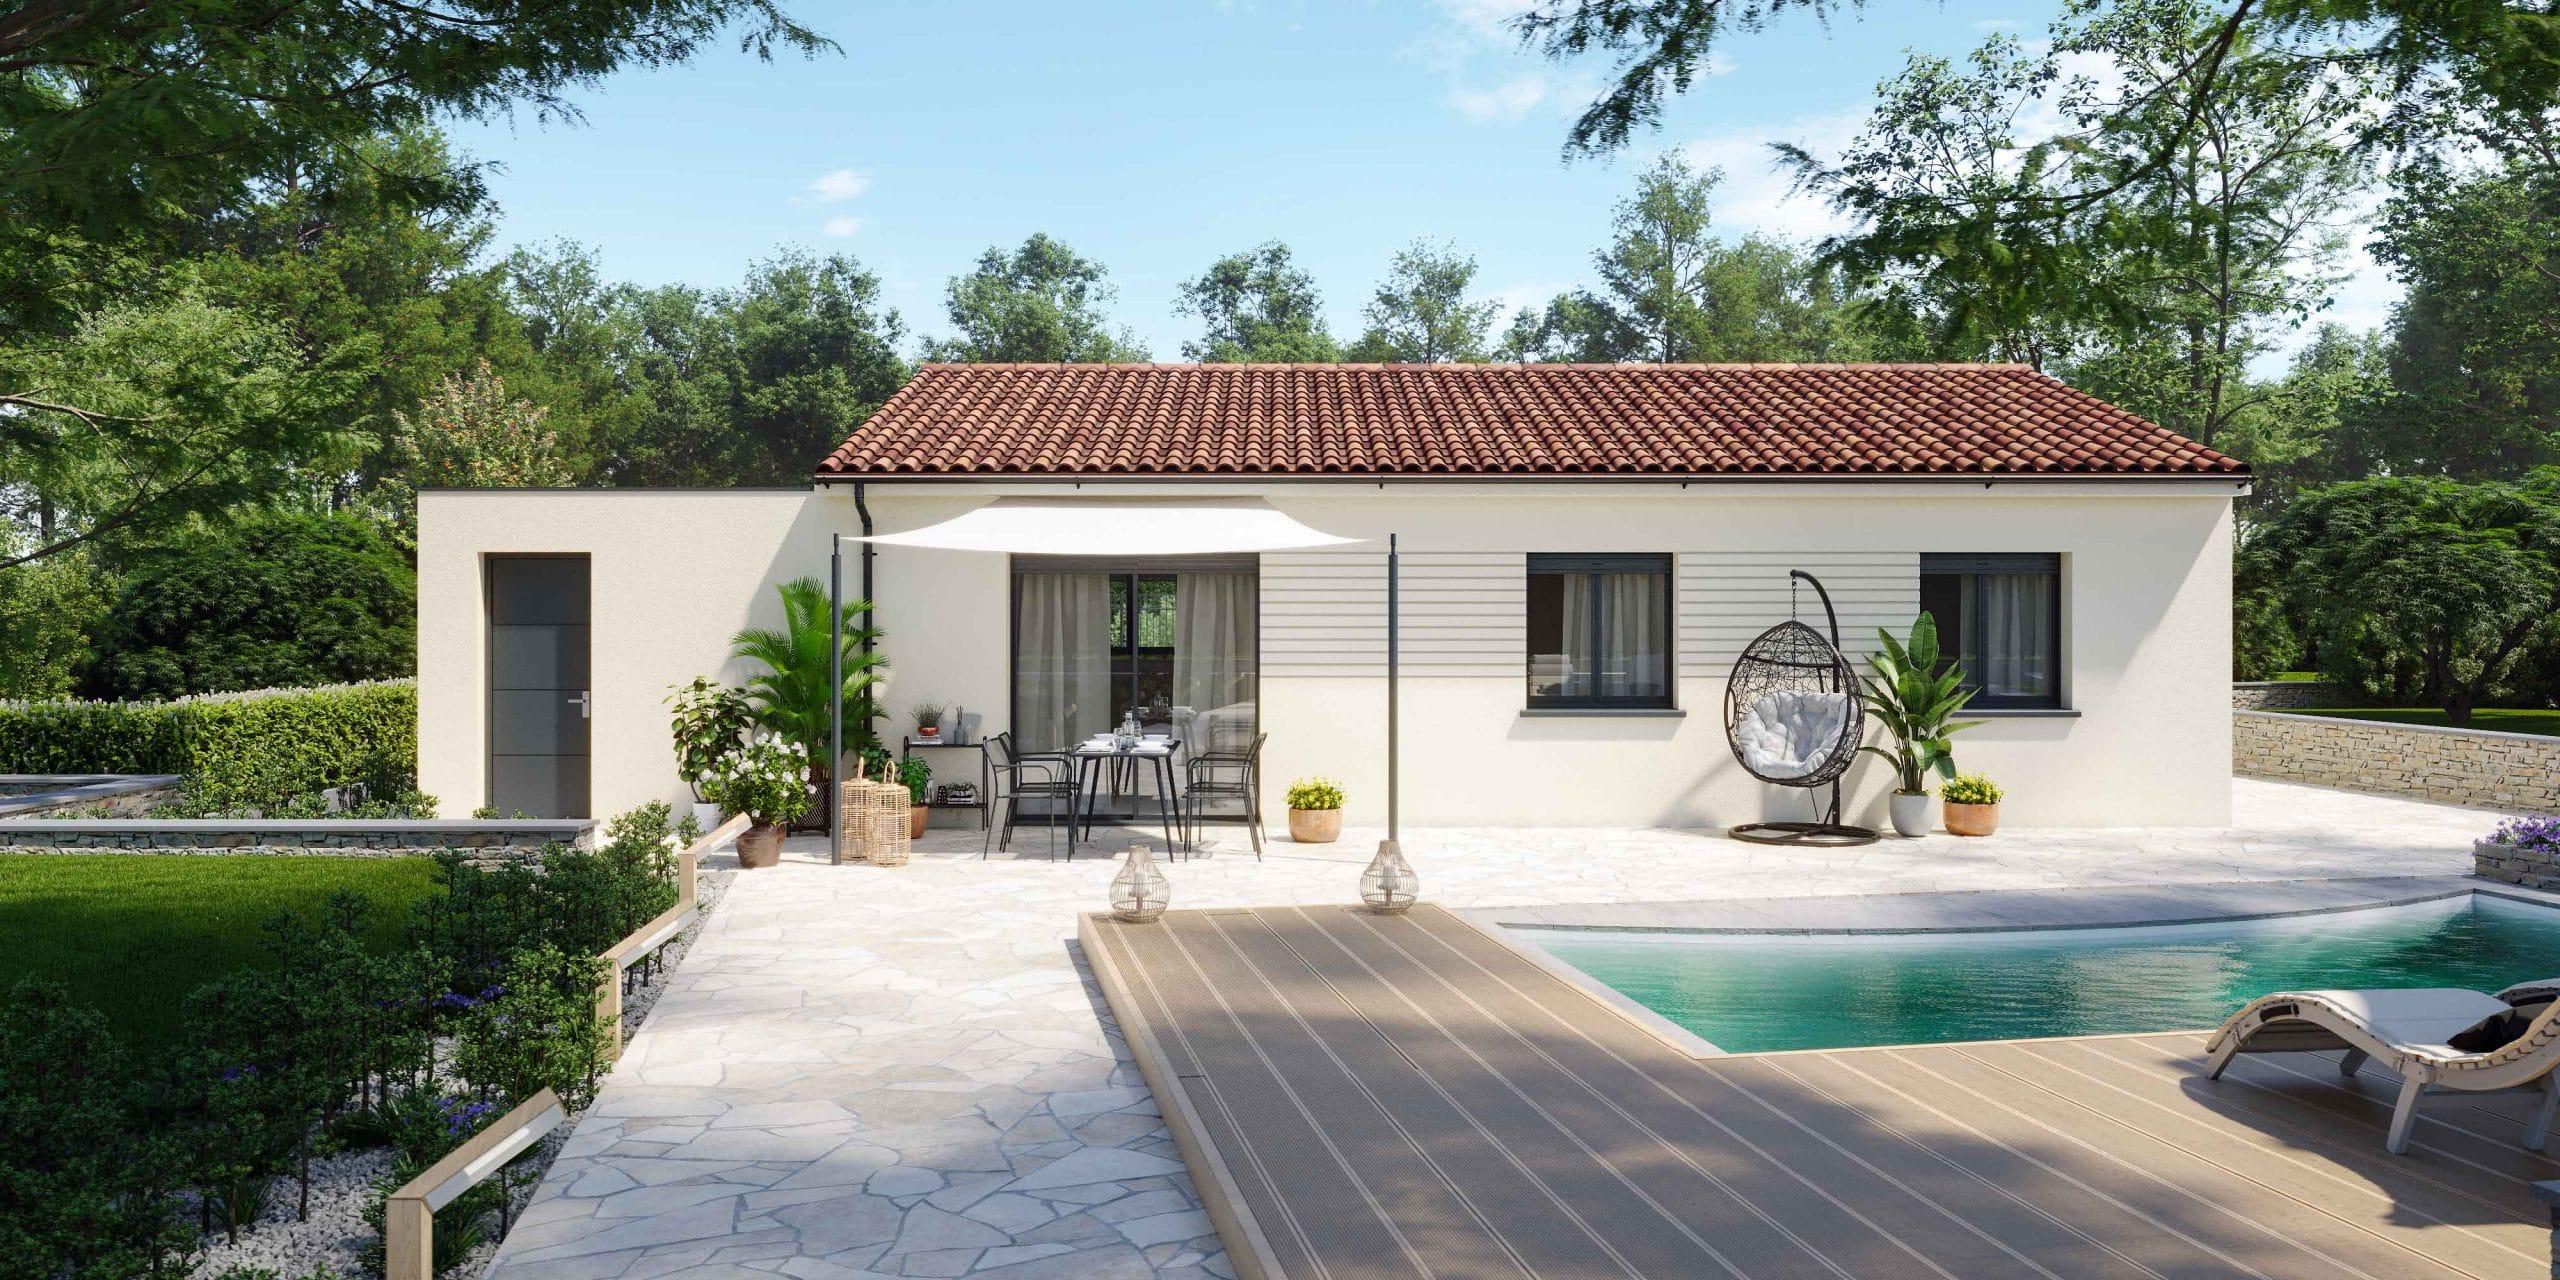 https://www.maisonsclairlogis.fr/wp-content/uploads/2017/10/alpha_maison-traditionne-plain-pied_vue-jardin-face-scaled.jpg